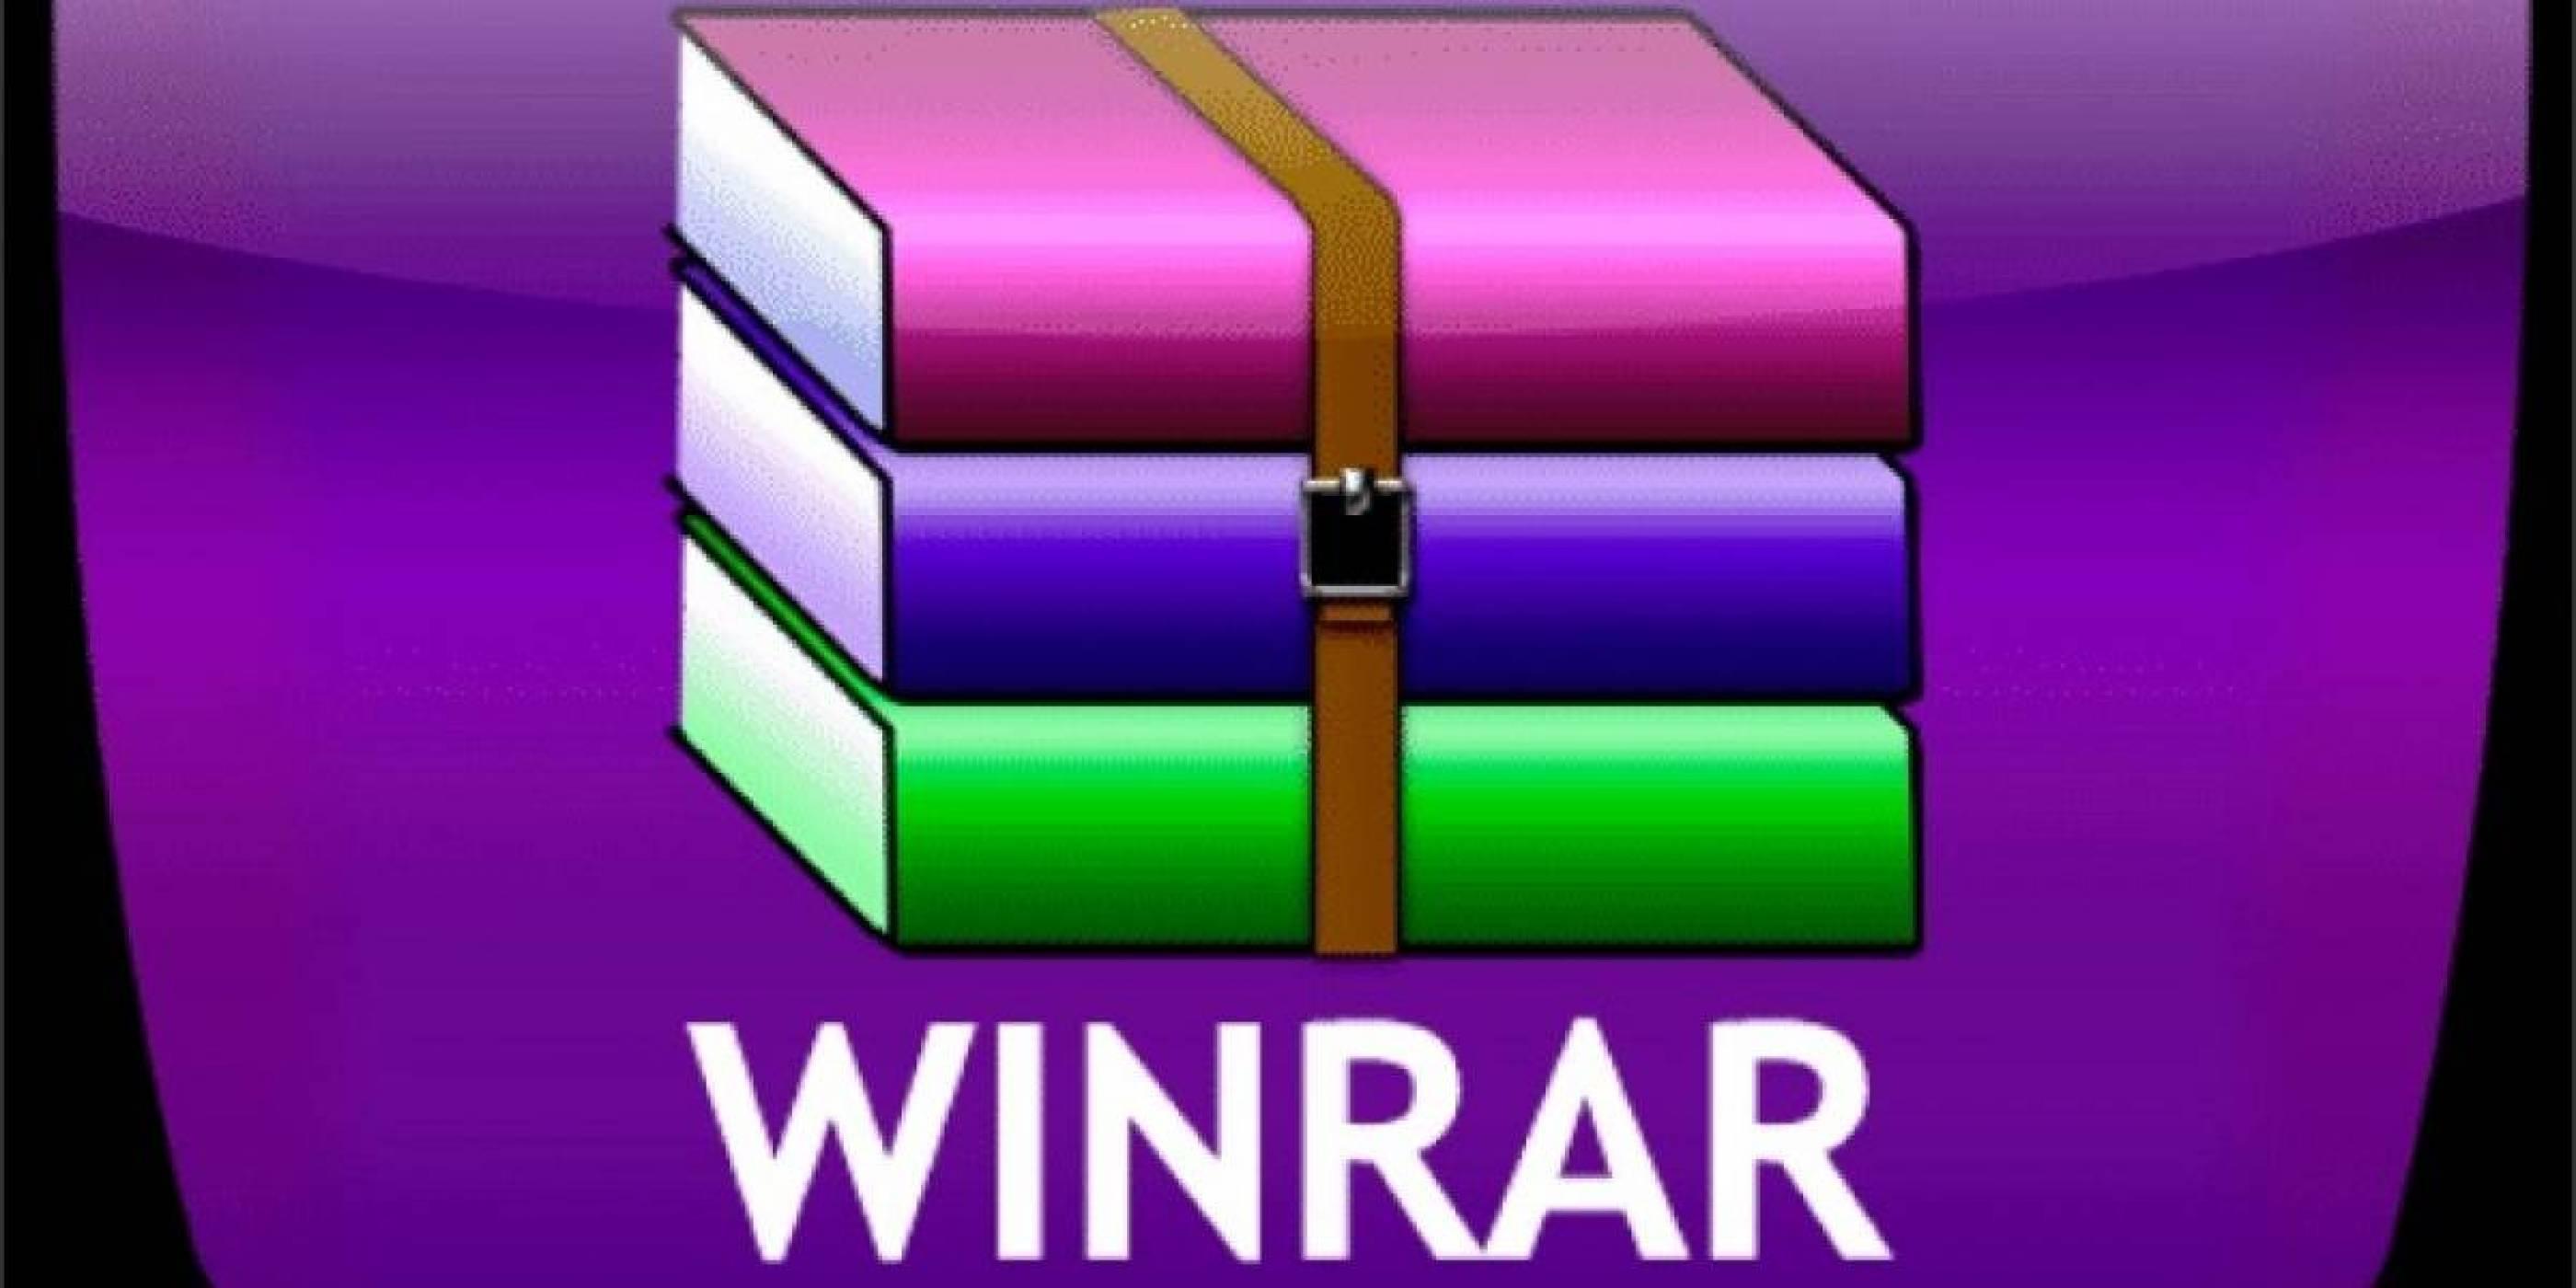 19-годишен бъг в WinRAR застрашава милиони компютри